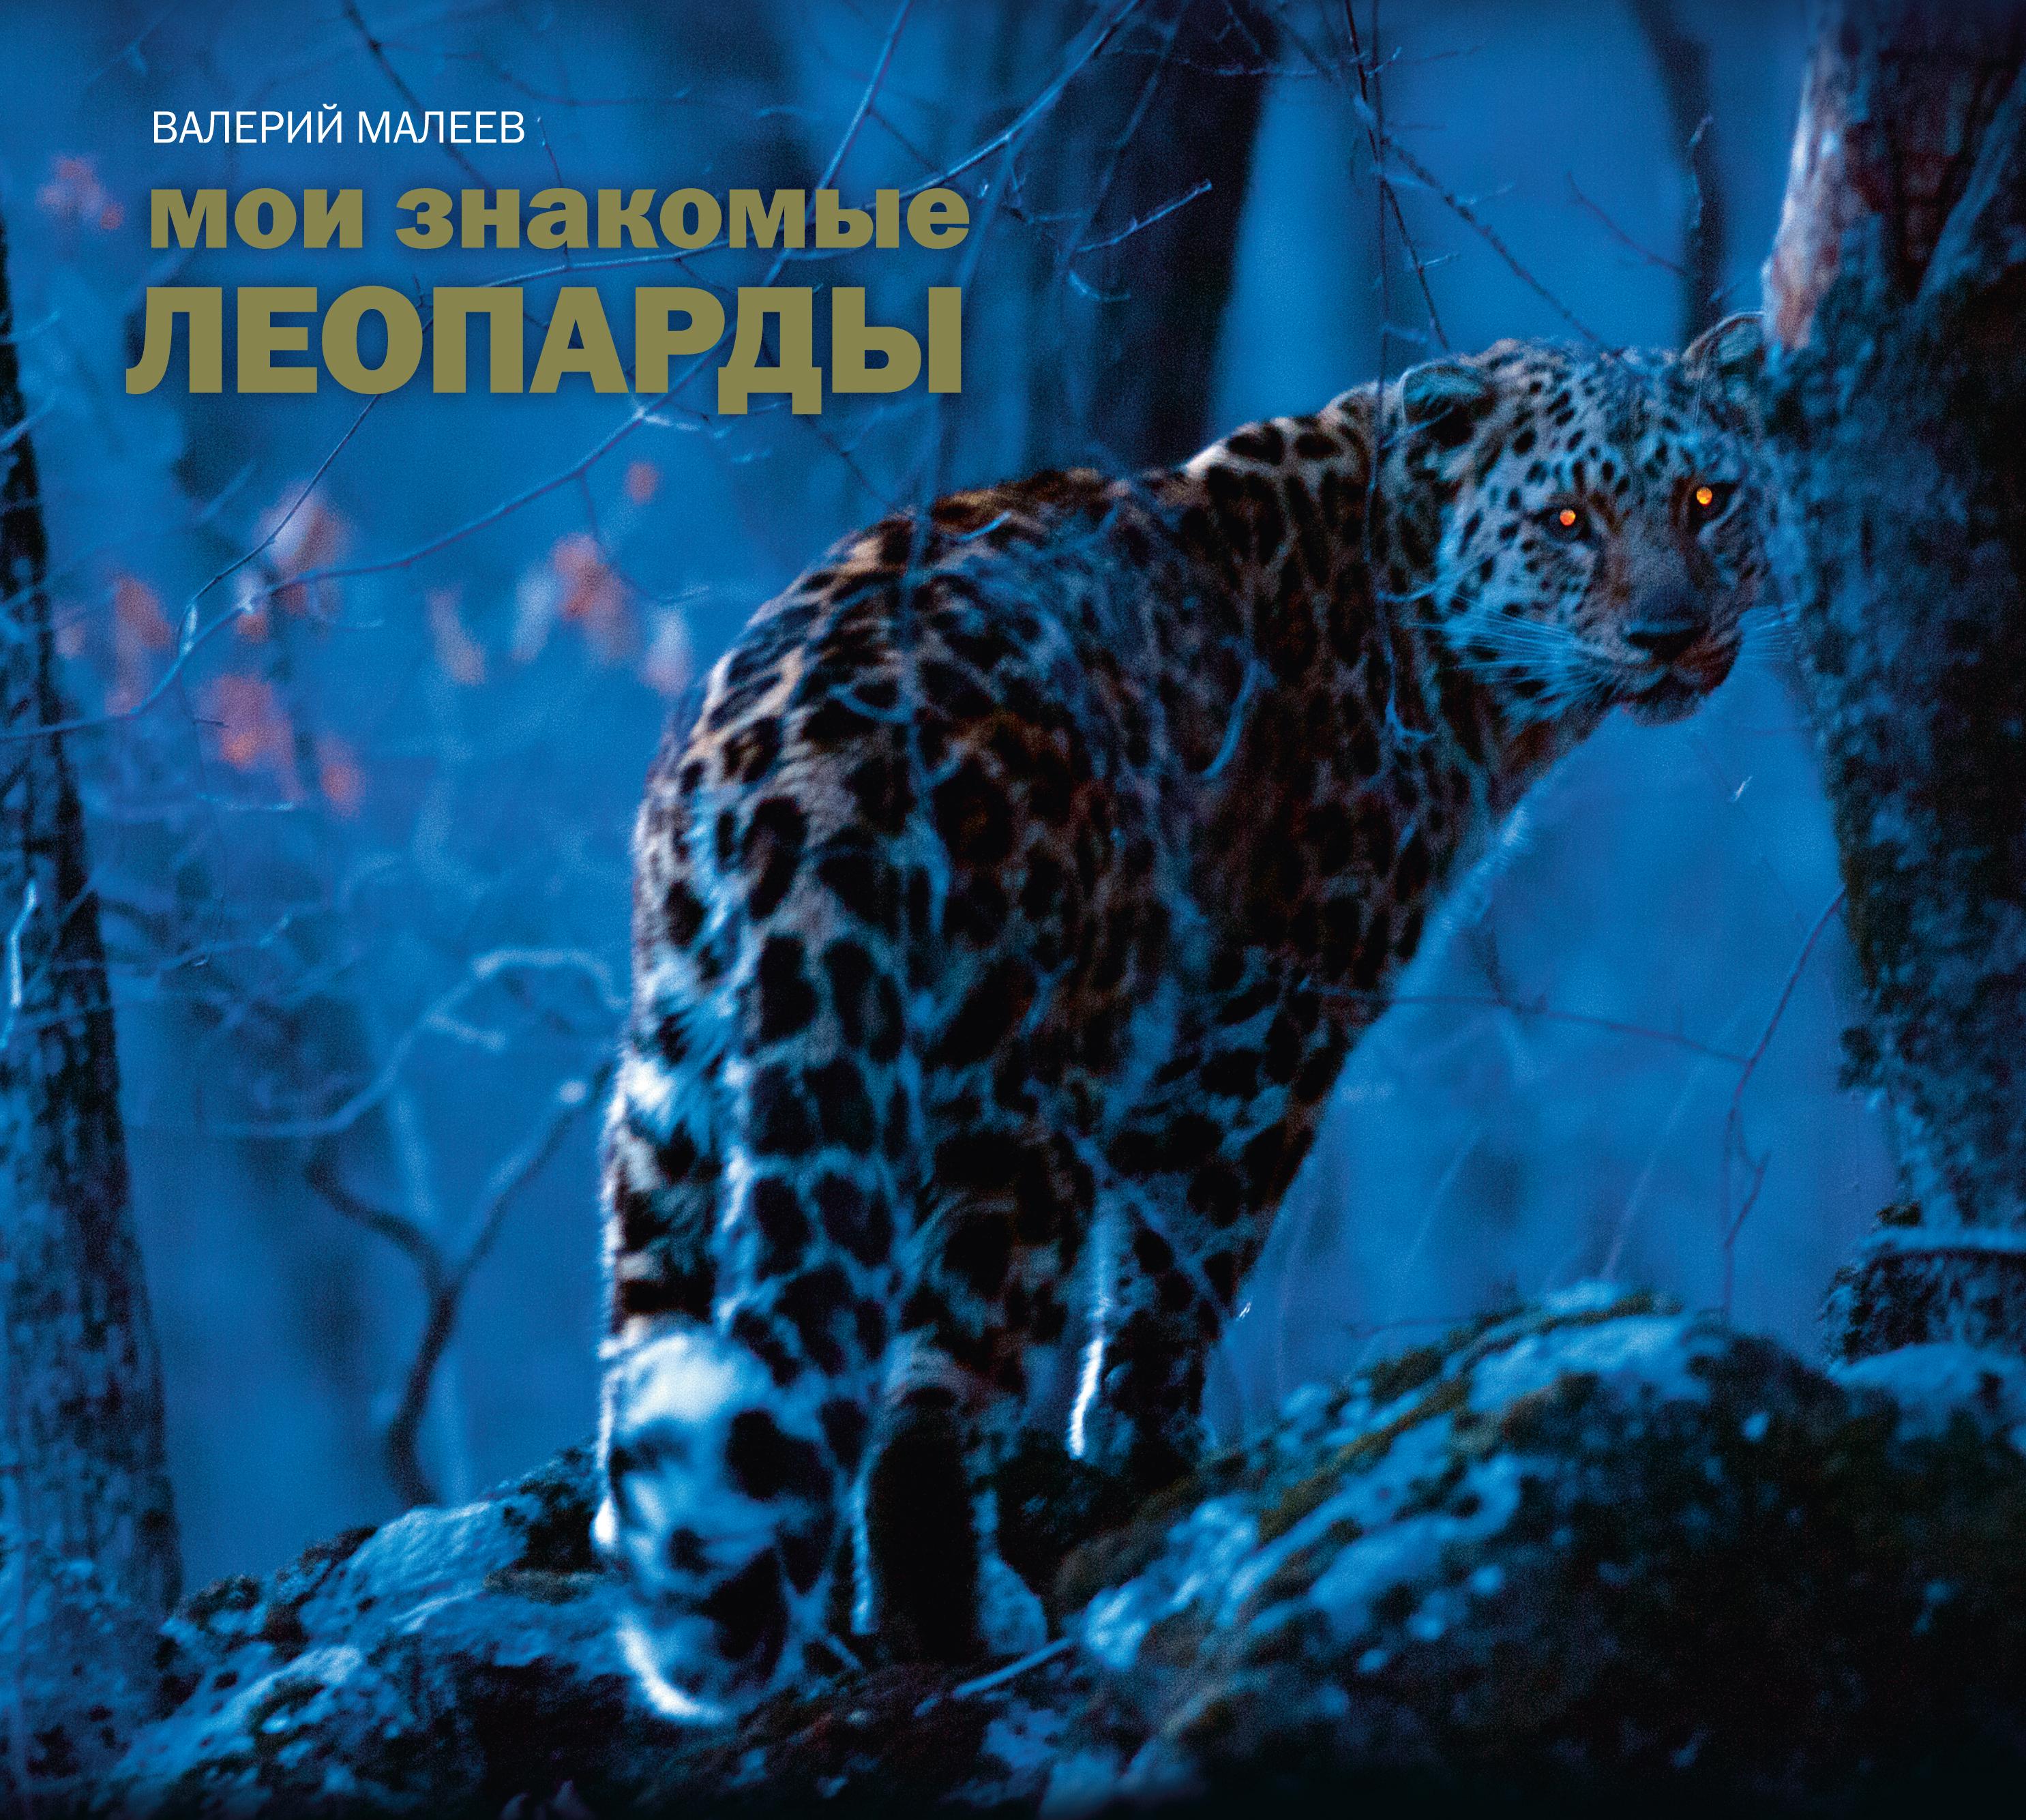 Мои знакомые леопарды ( Валерий Малеев  )